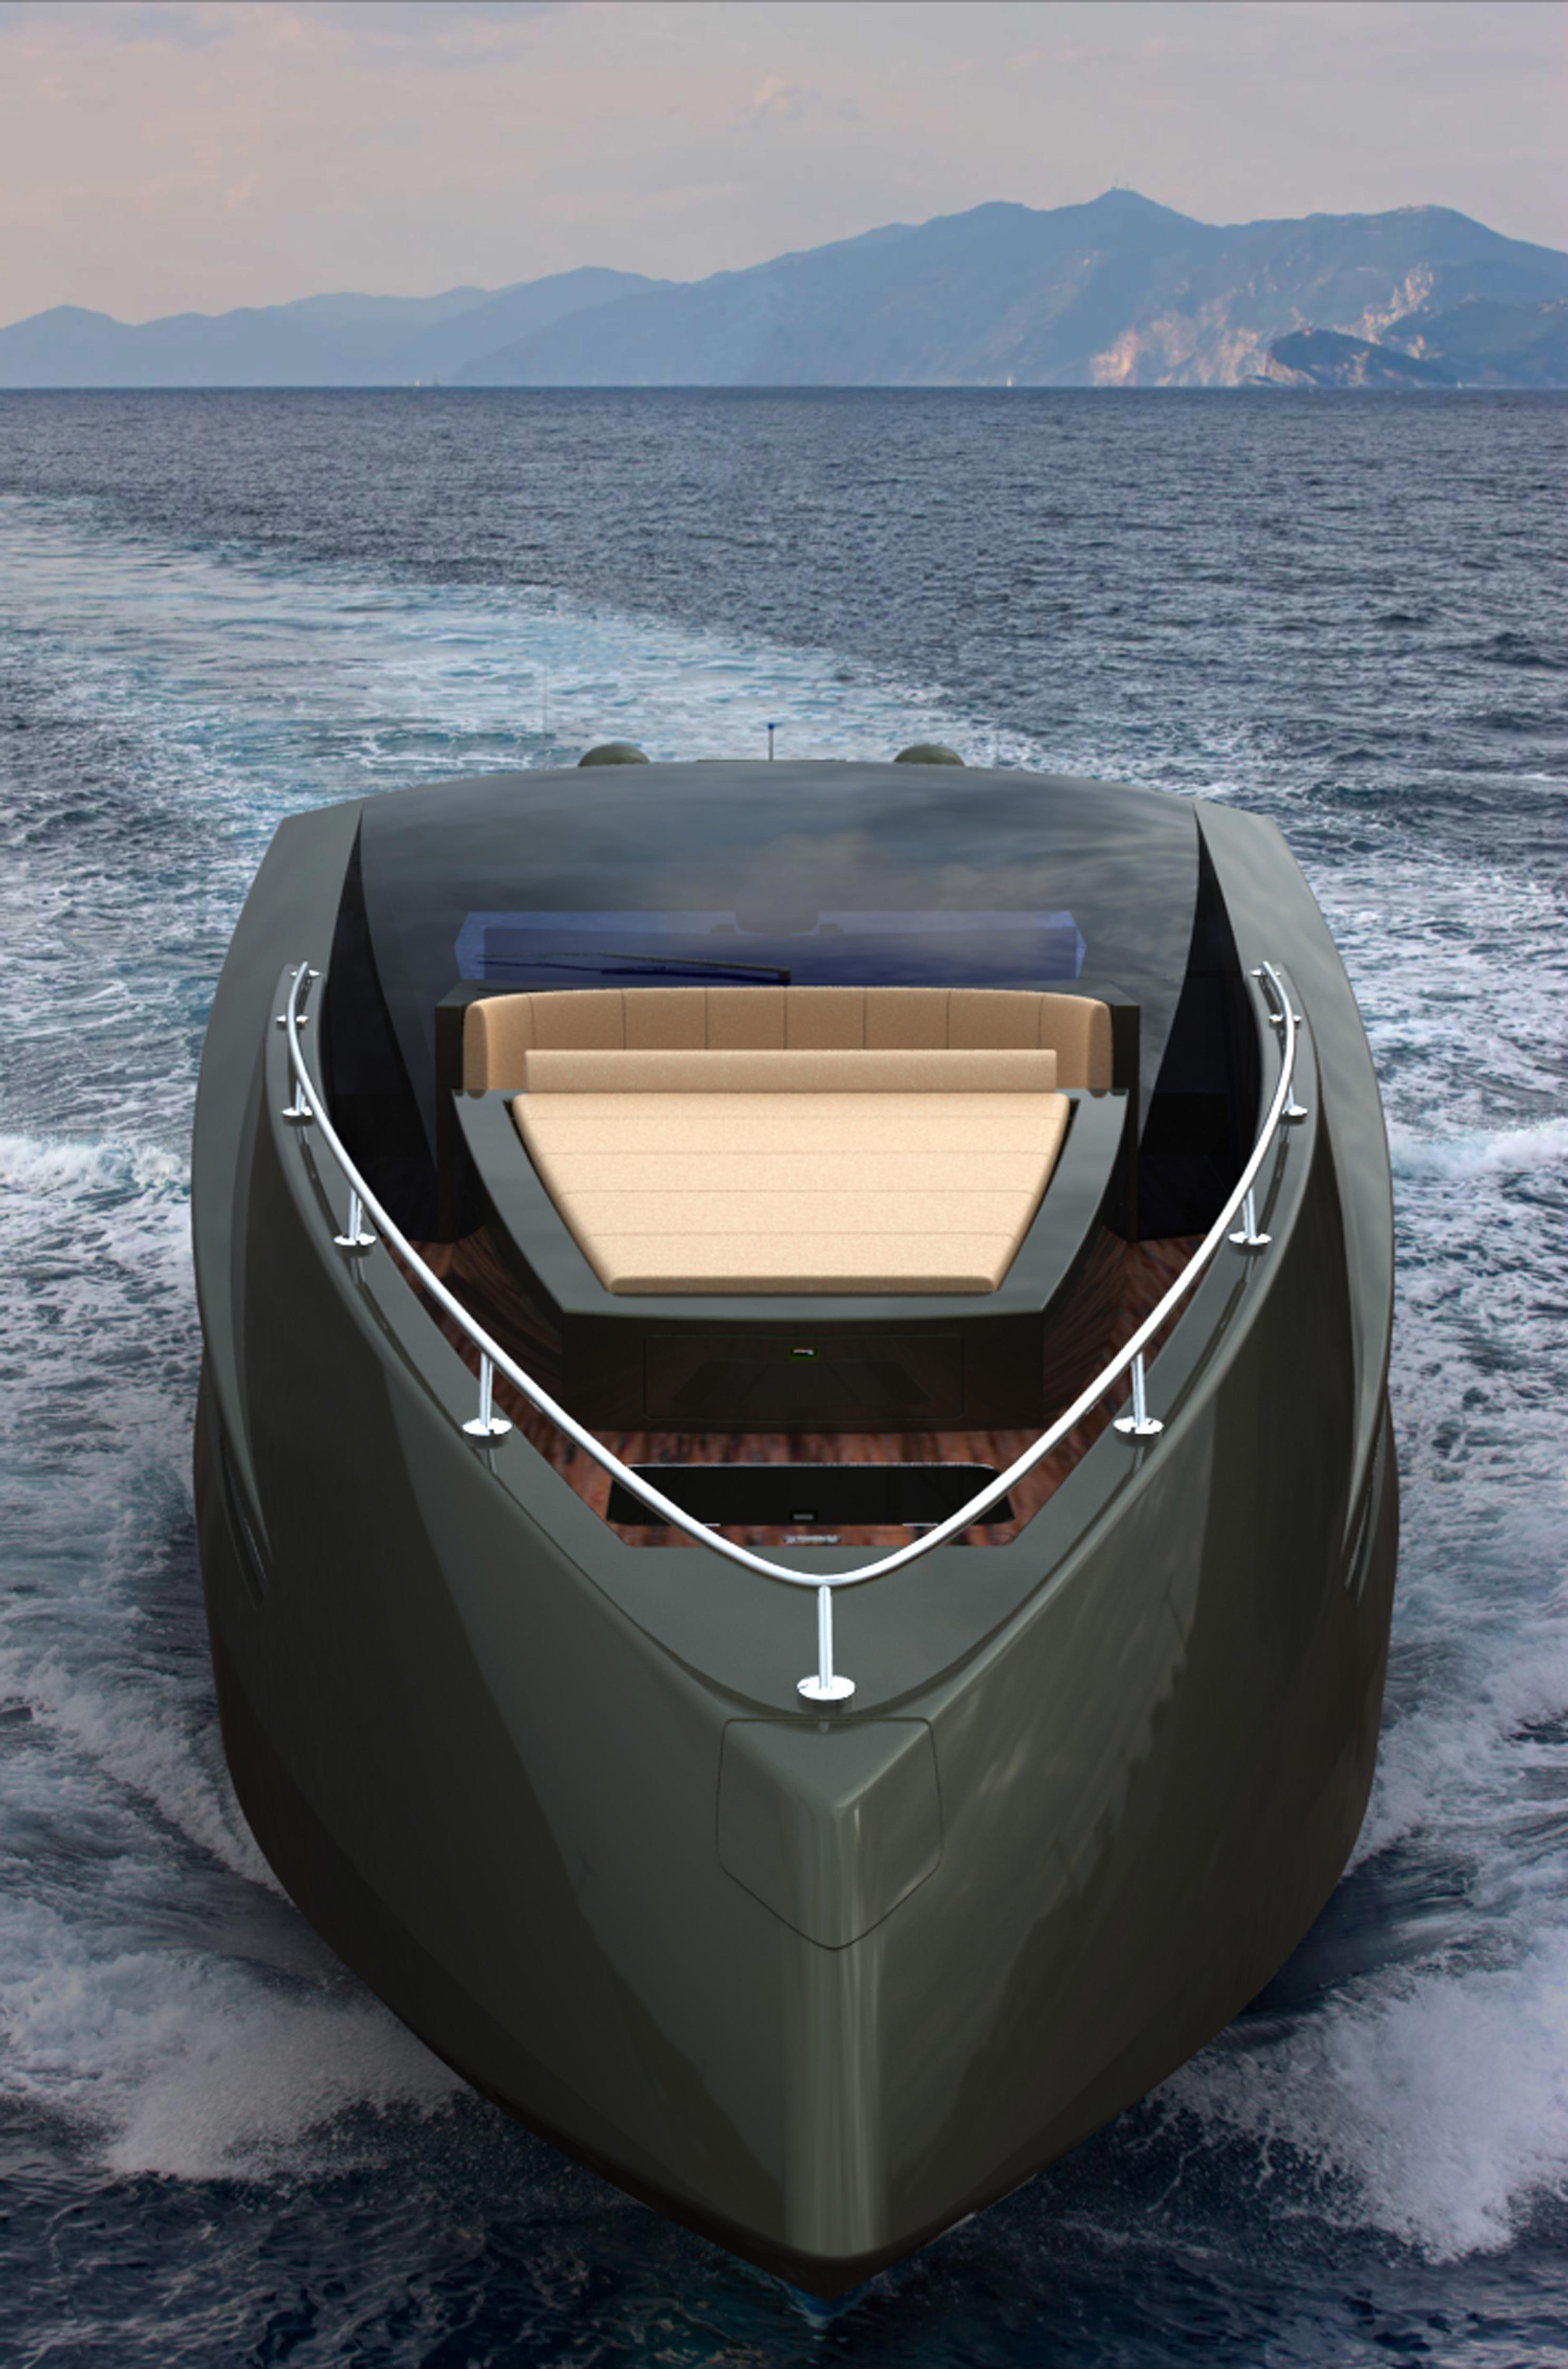 Lamborghini Yacht Concept by Mauro Lecchi 12